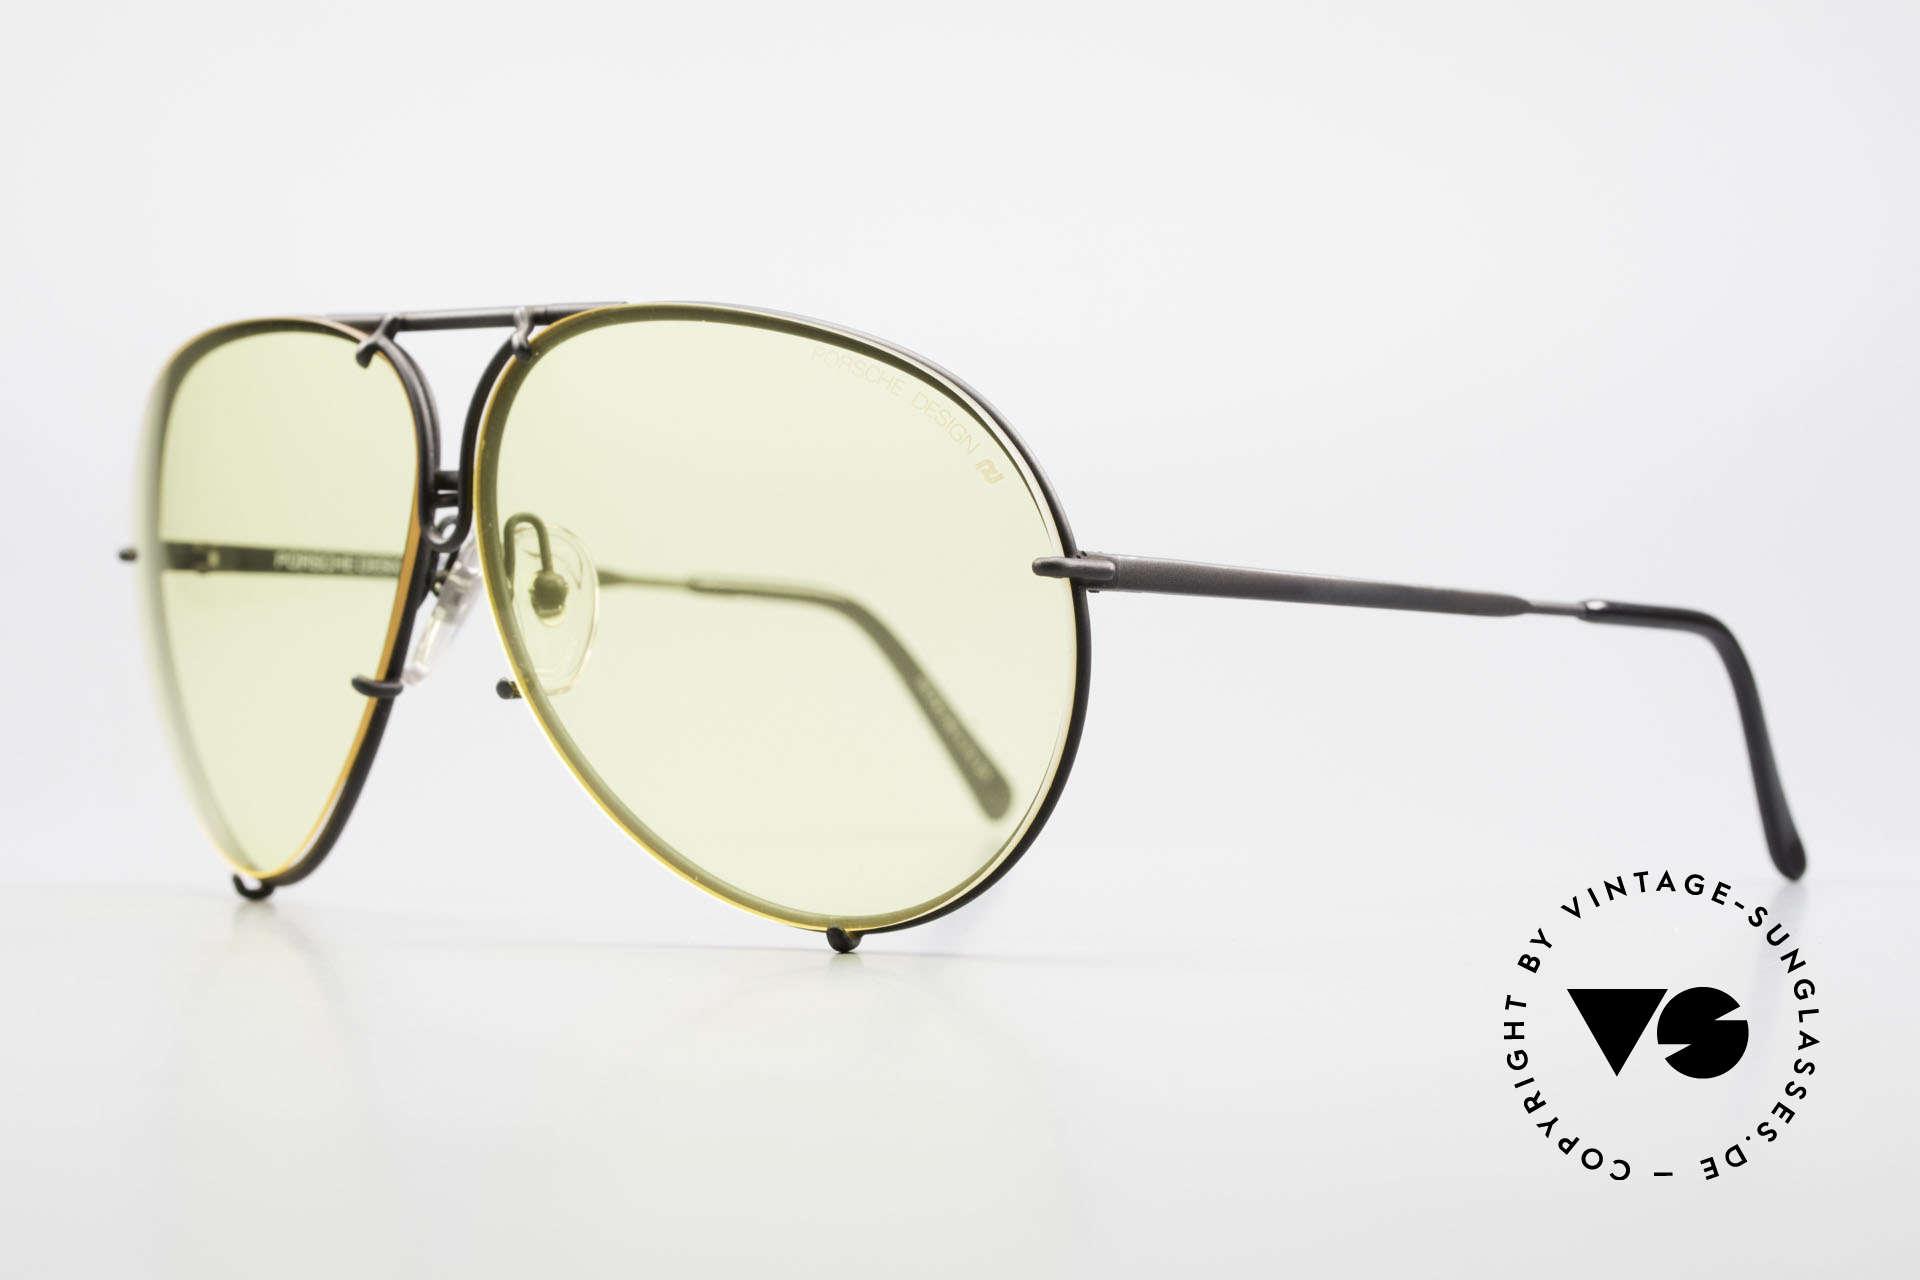 Porsche 5621 Gelbe Gläser Kalichrome 80er, kostbare hellgelbe KALICHROME Gläser (für abends), Passend für Herren